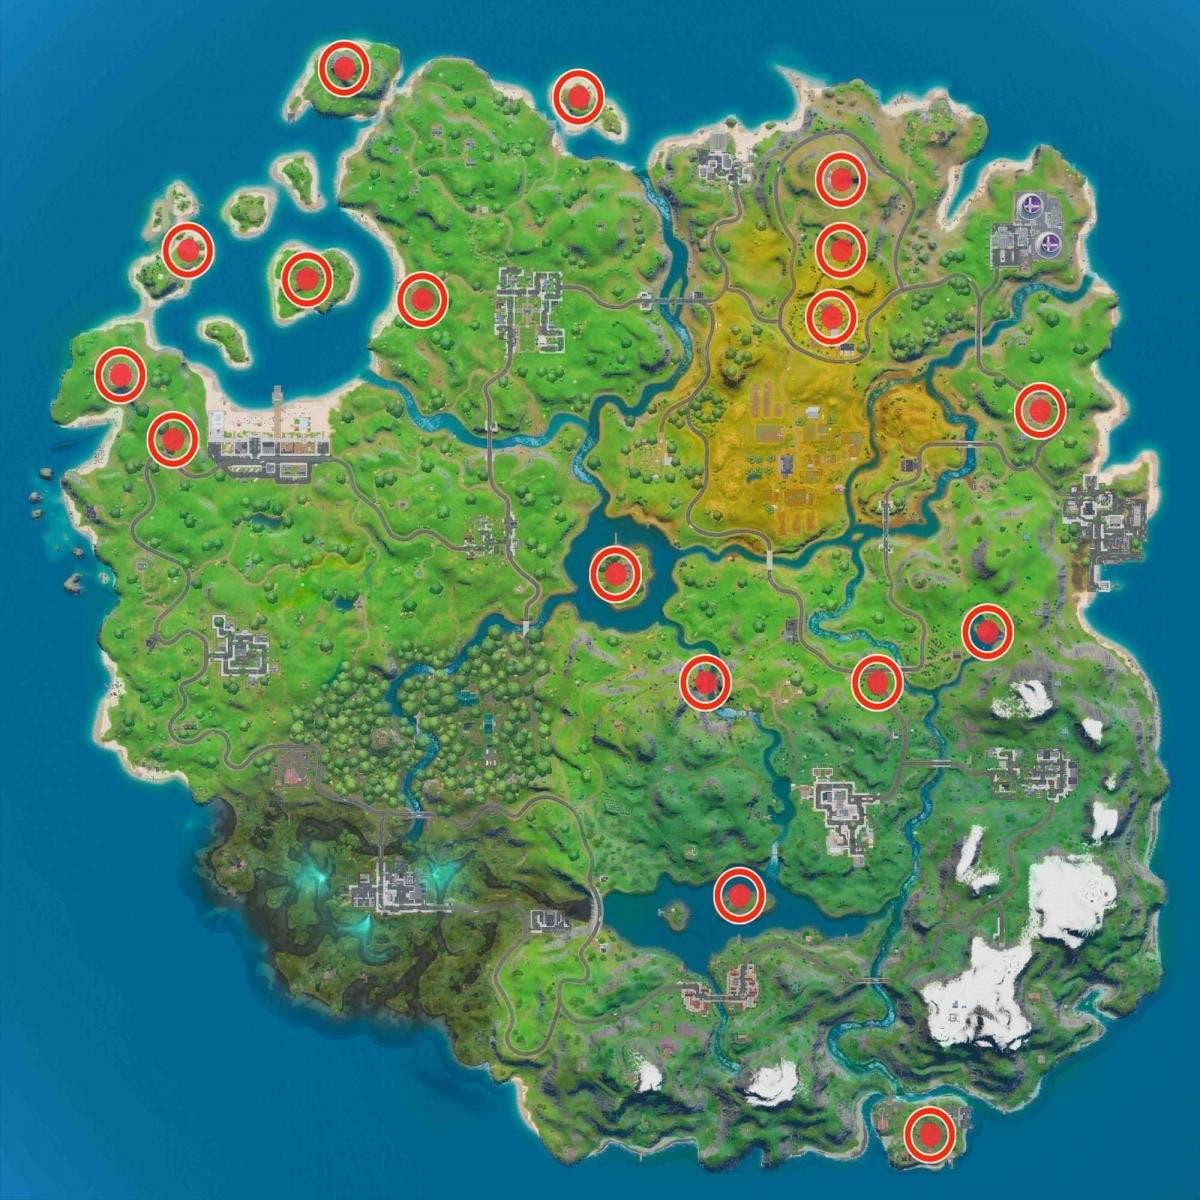 Cómo completar los desafíos 'Forjado en Sorbete' en Fortnite 4